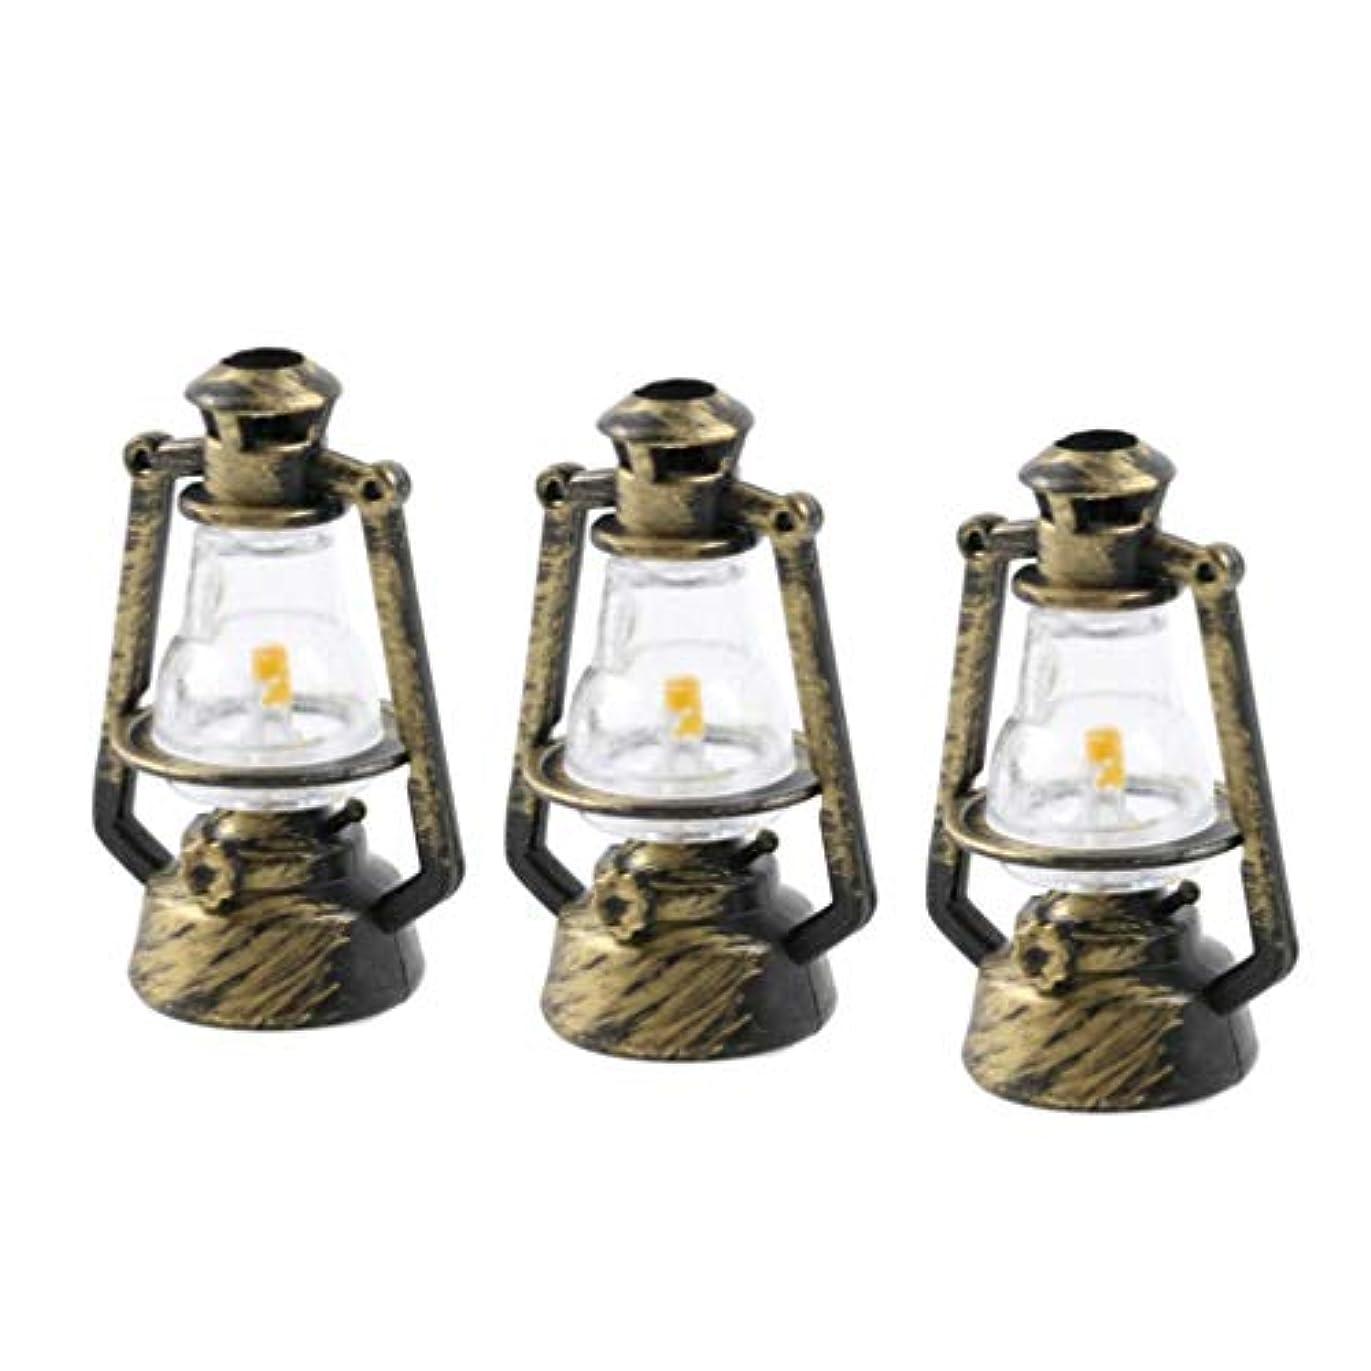 粒子王族悪魔HEALLILY ミニレトロ灯油ランプ飾り1:12ドールハウスミニチュア家具ドールハウス装飾アクセサリー風景装飾6ピース